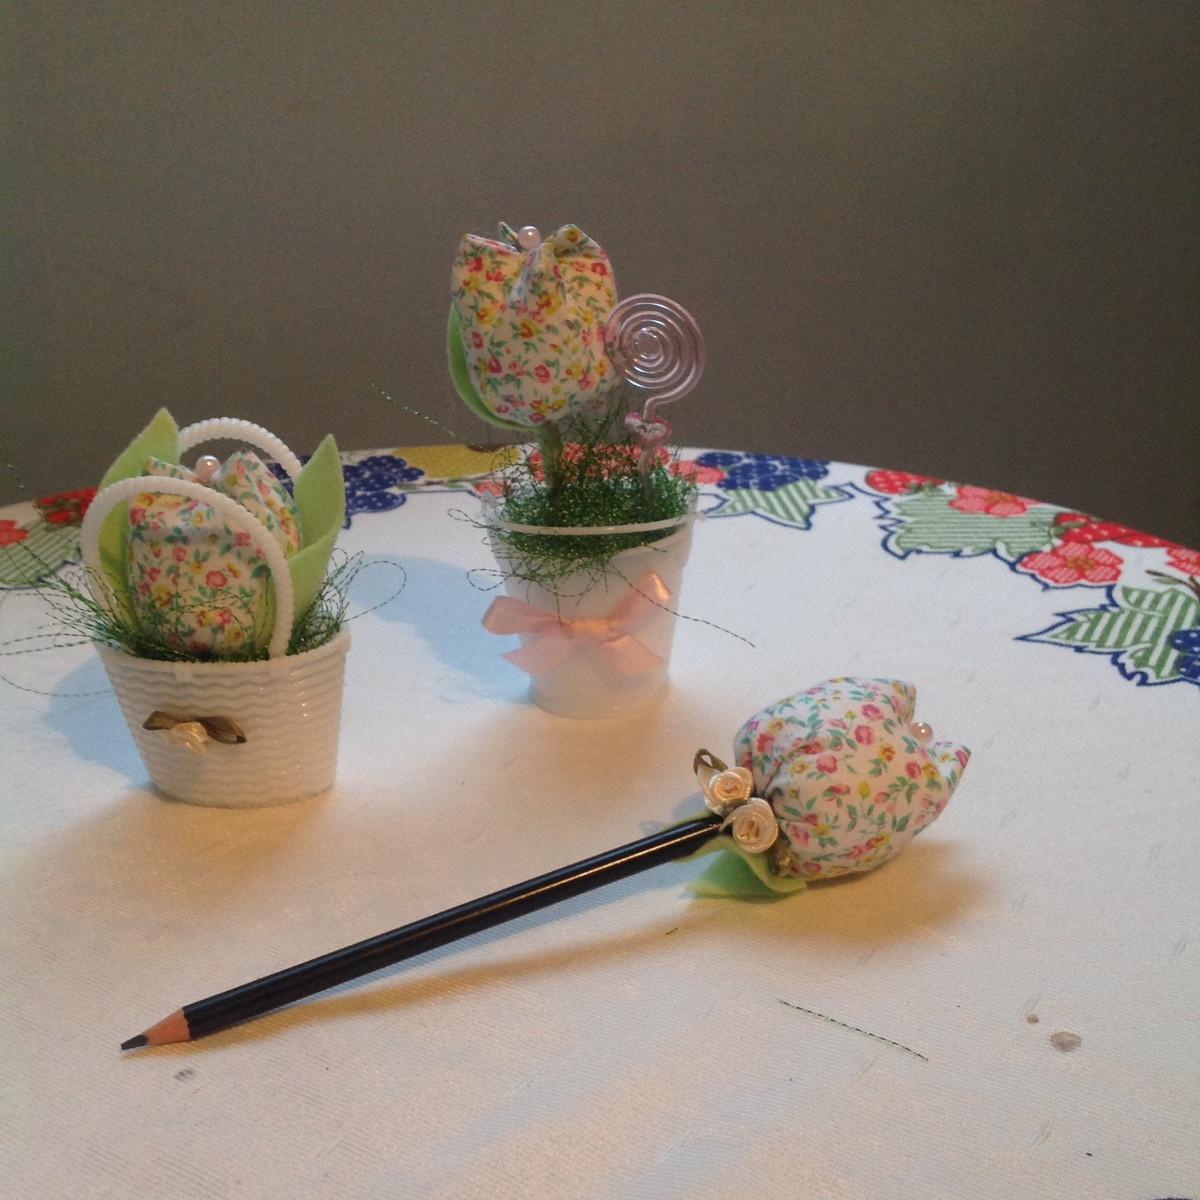 kit jardim encantado provencal tulipa 15 anos lembrancinhas kit jardim